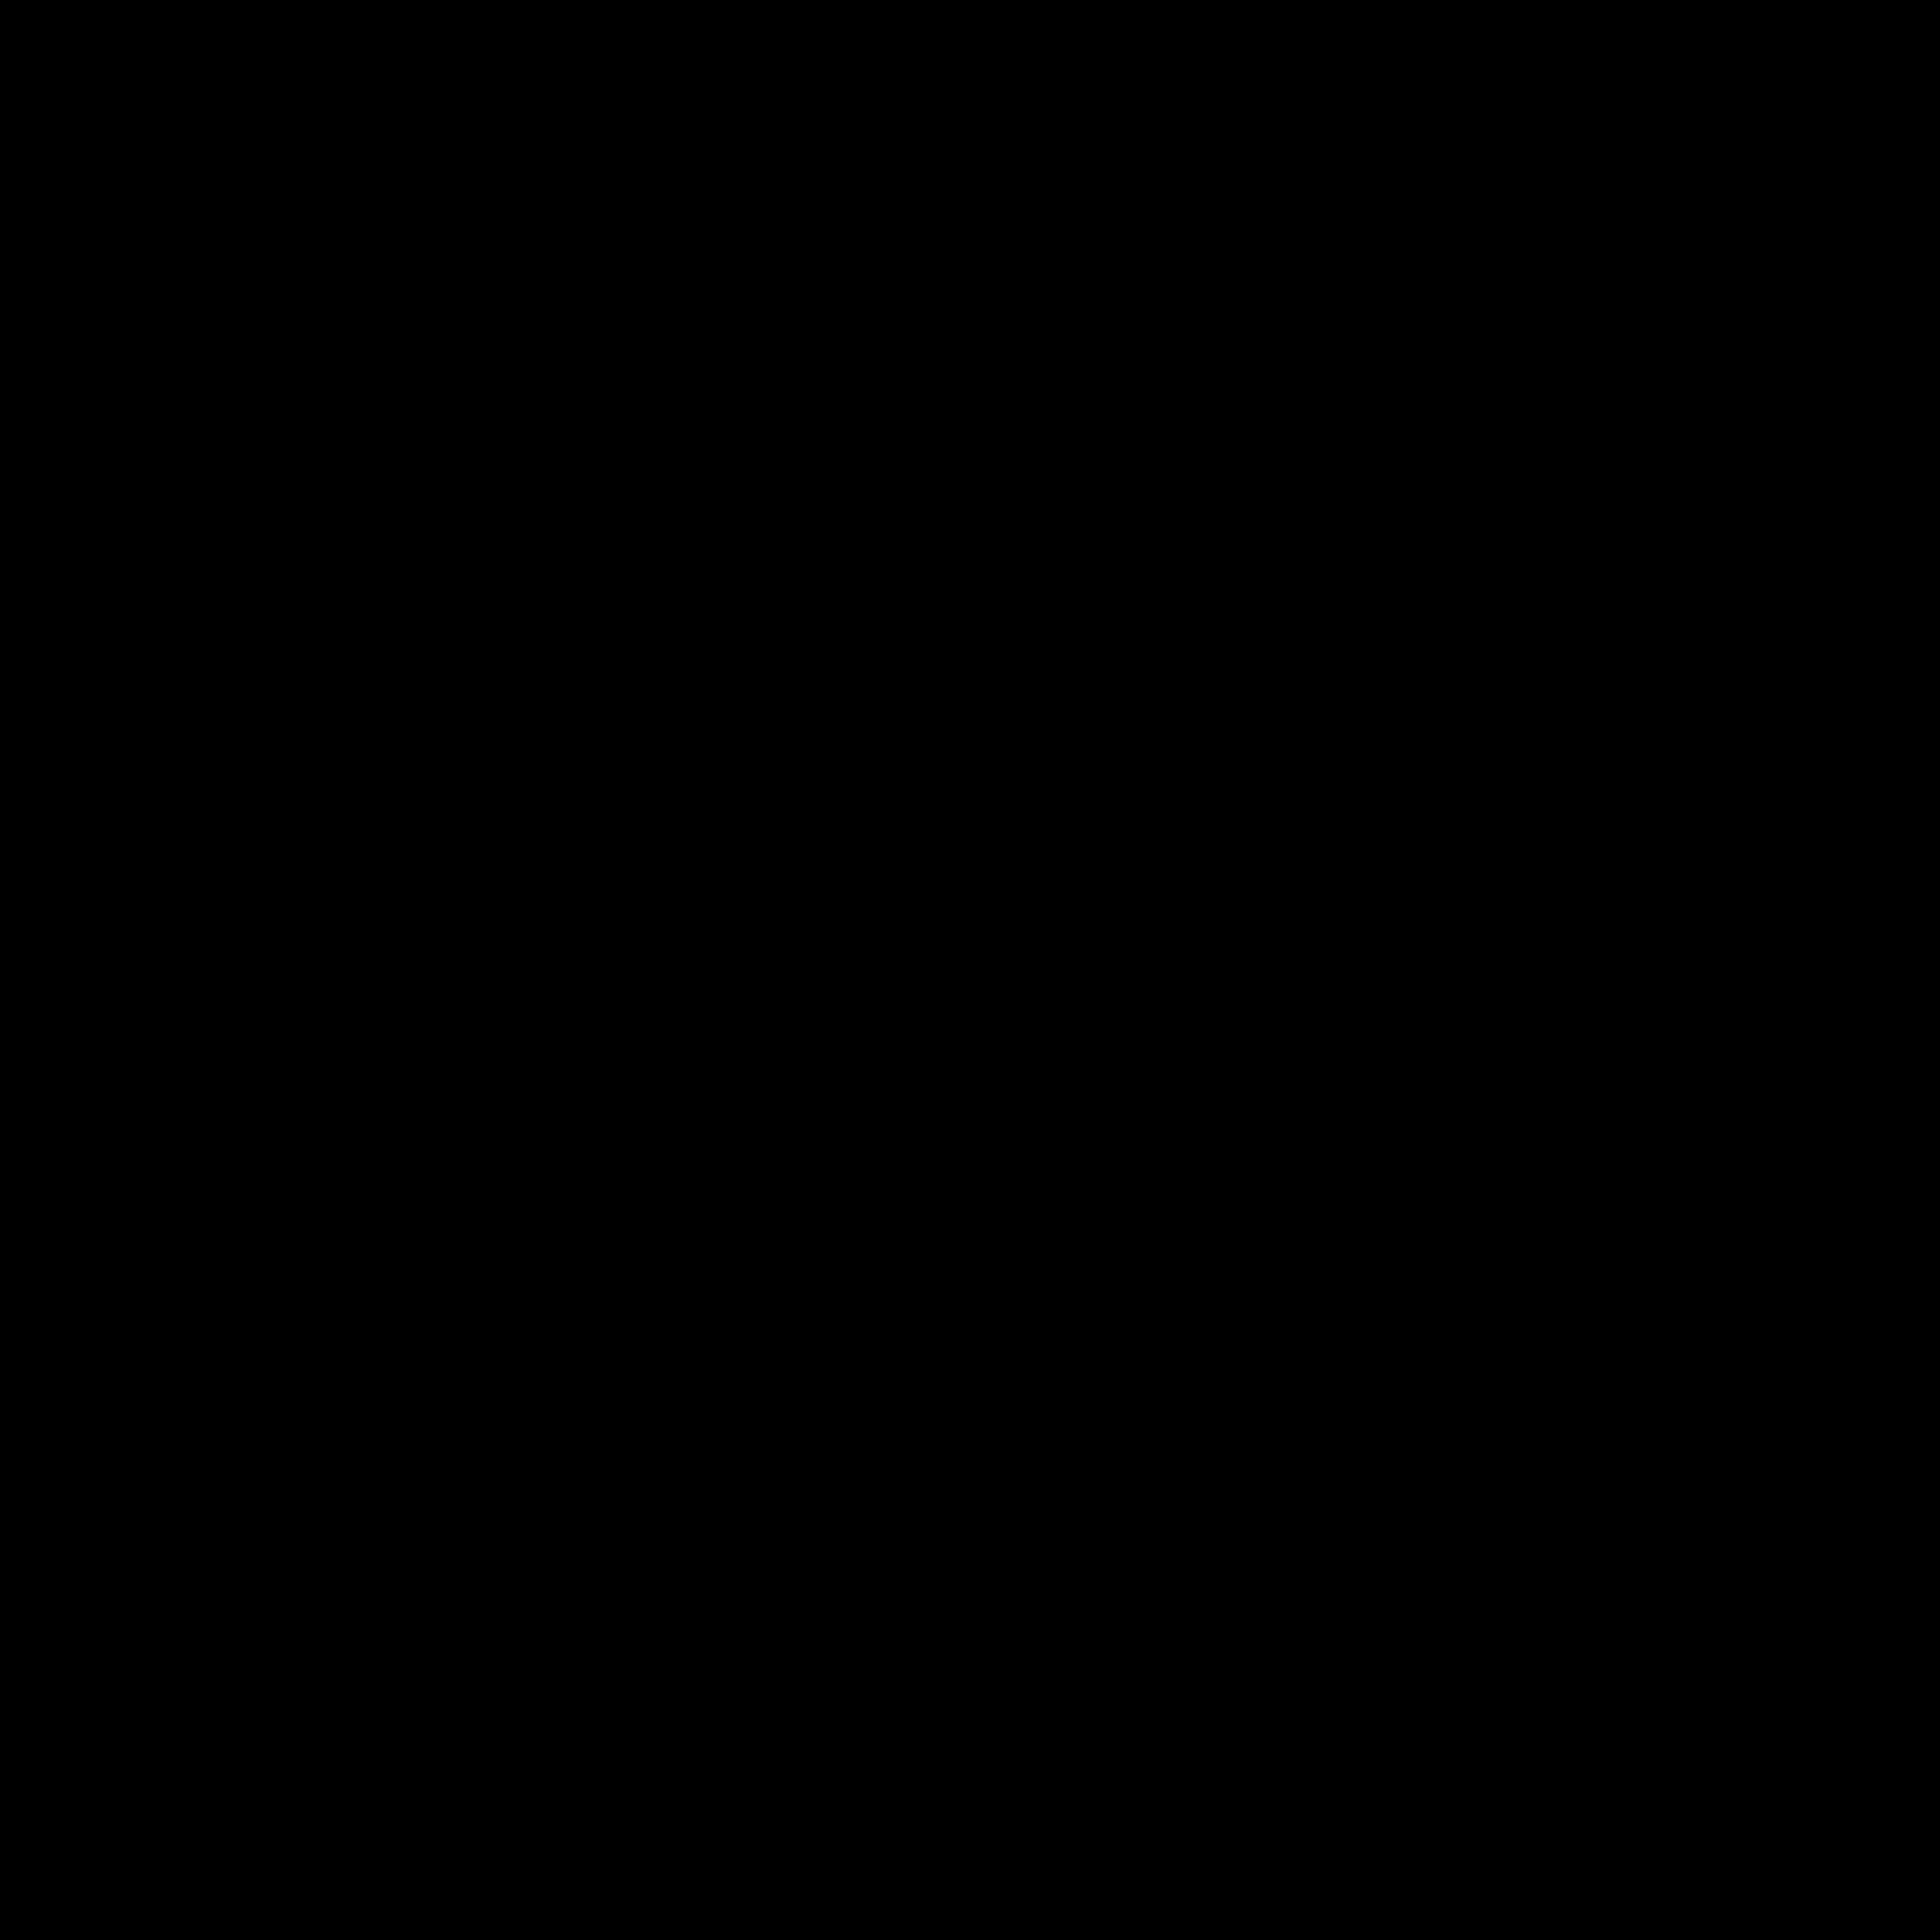 skywalker trampolines 10 u0027 round trampoline with enclosure green